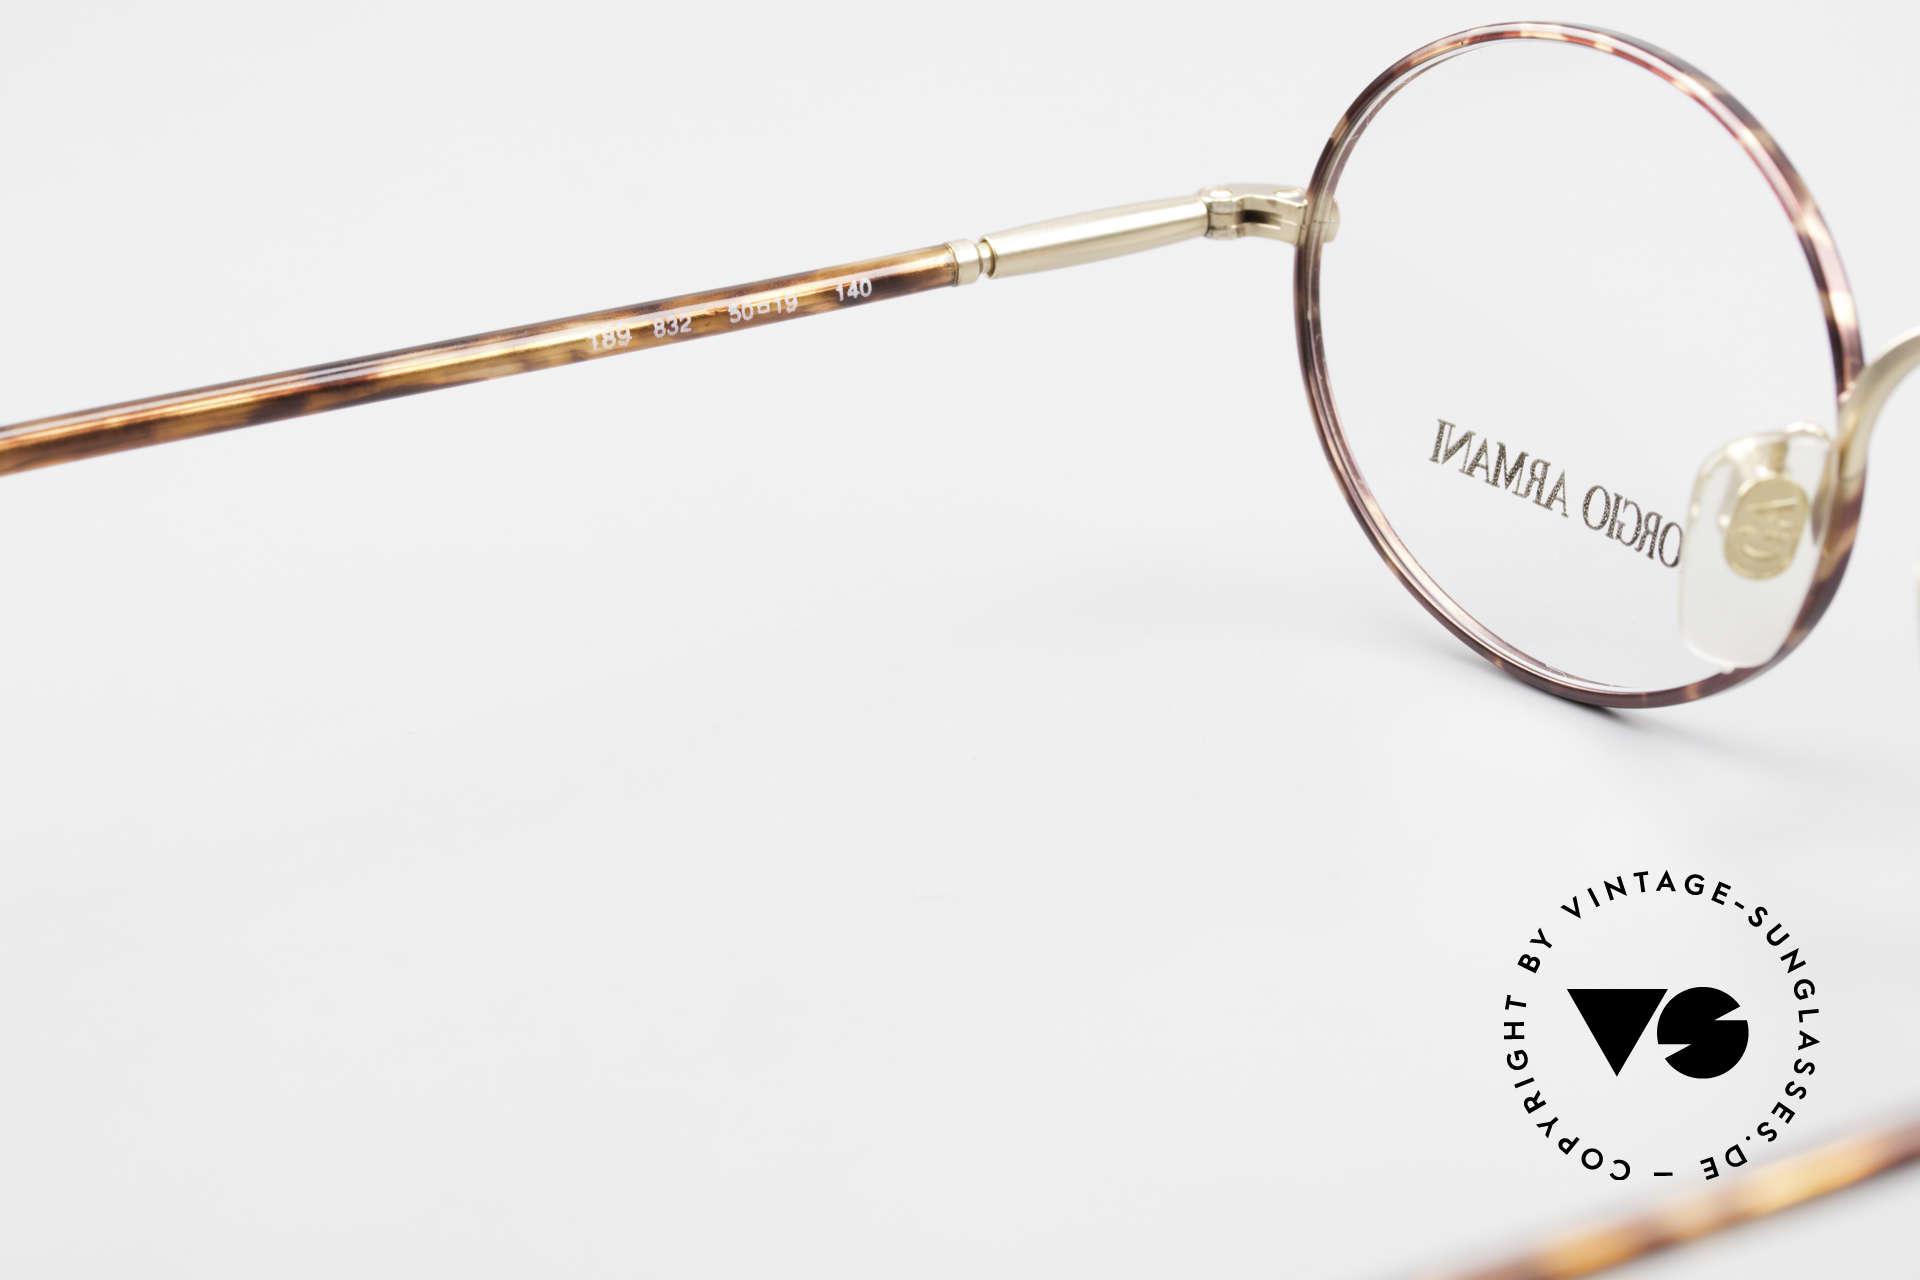 Giorgio Armani 189 Ovale Designerbrille 1990er, DEMOgläser sollten durch optische getauscht werden, Passend für Herren